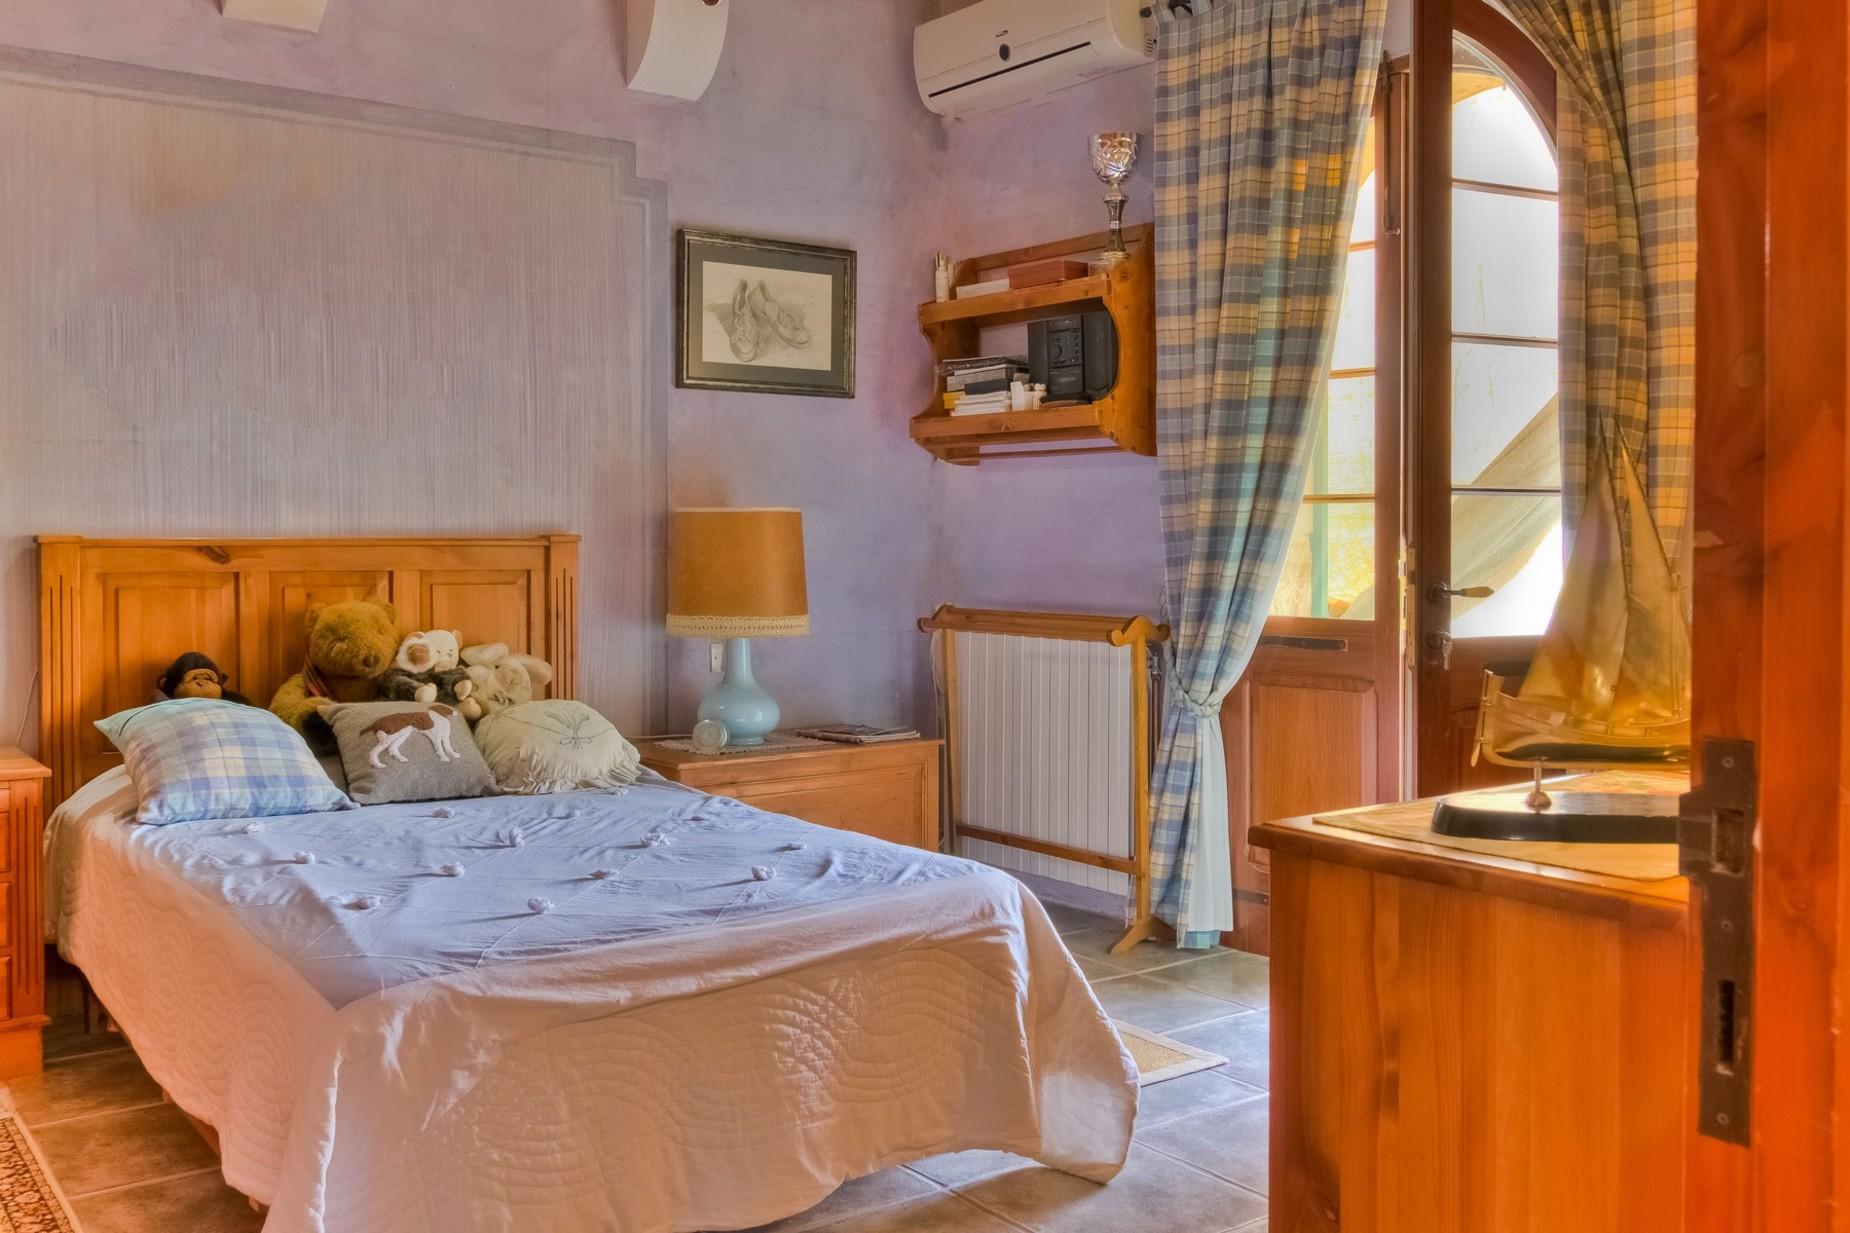 4 bed Villa For Sale in Zurrieq, Zurrieq - thumb 8